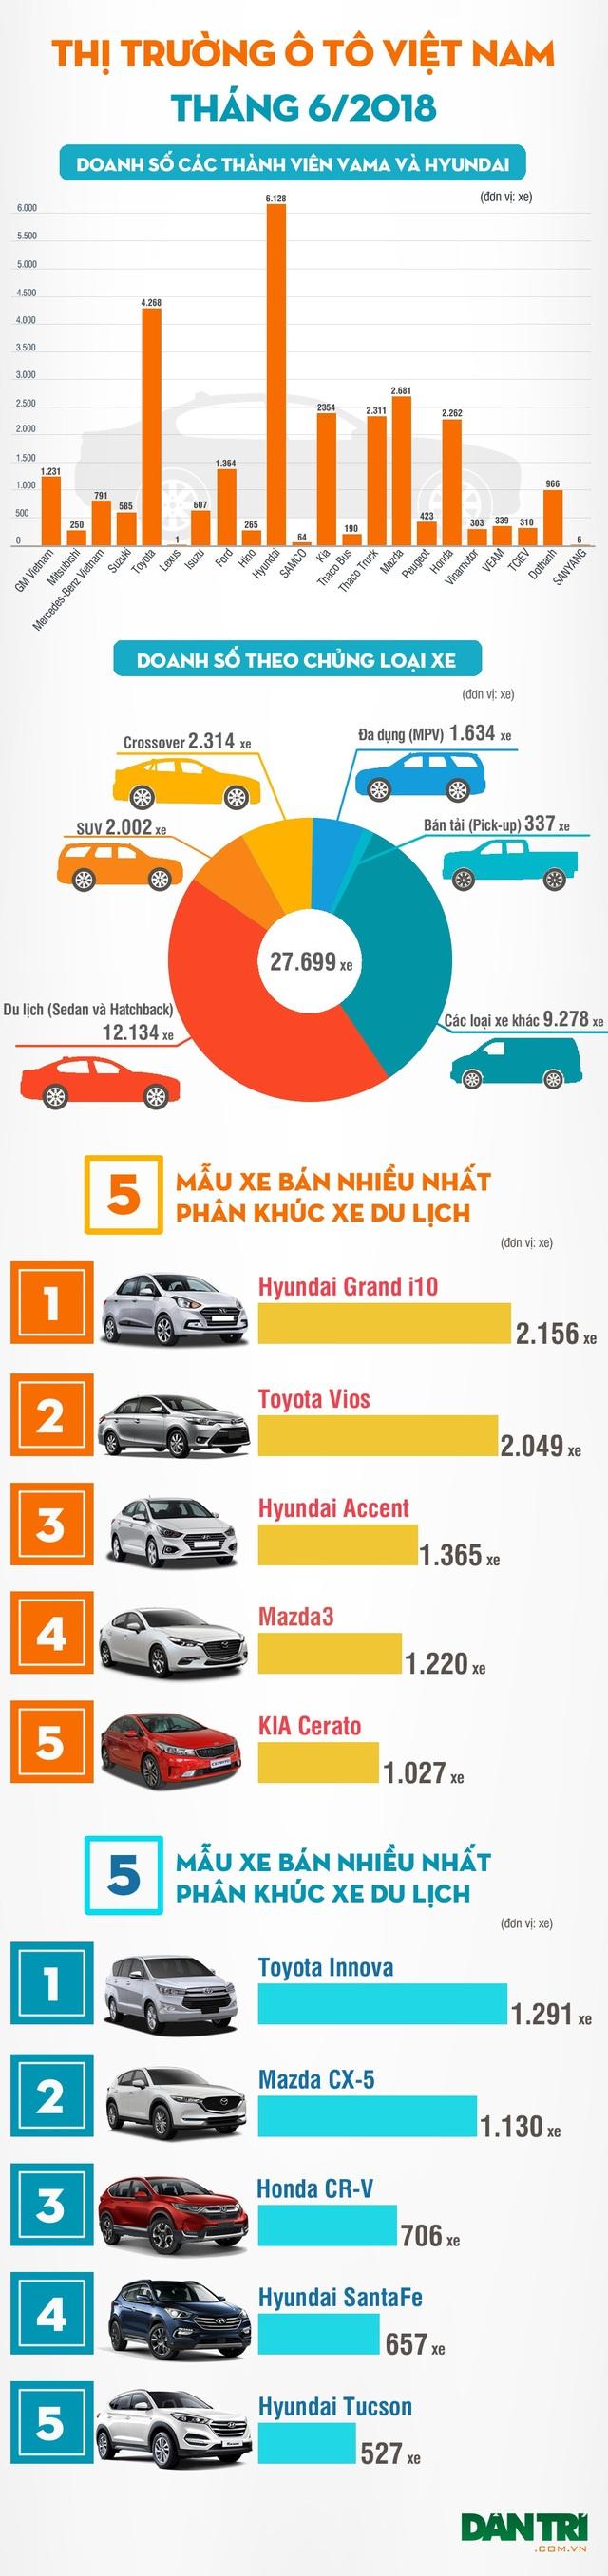 Không phải Toyota hay Mazda, Hyundai mới là thương hiệu bán nhiều nhất tháng 6/2018 - 2